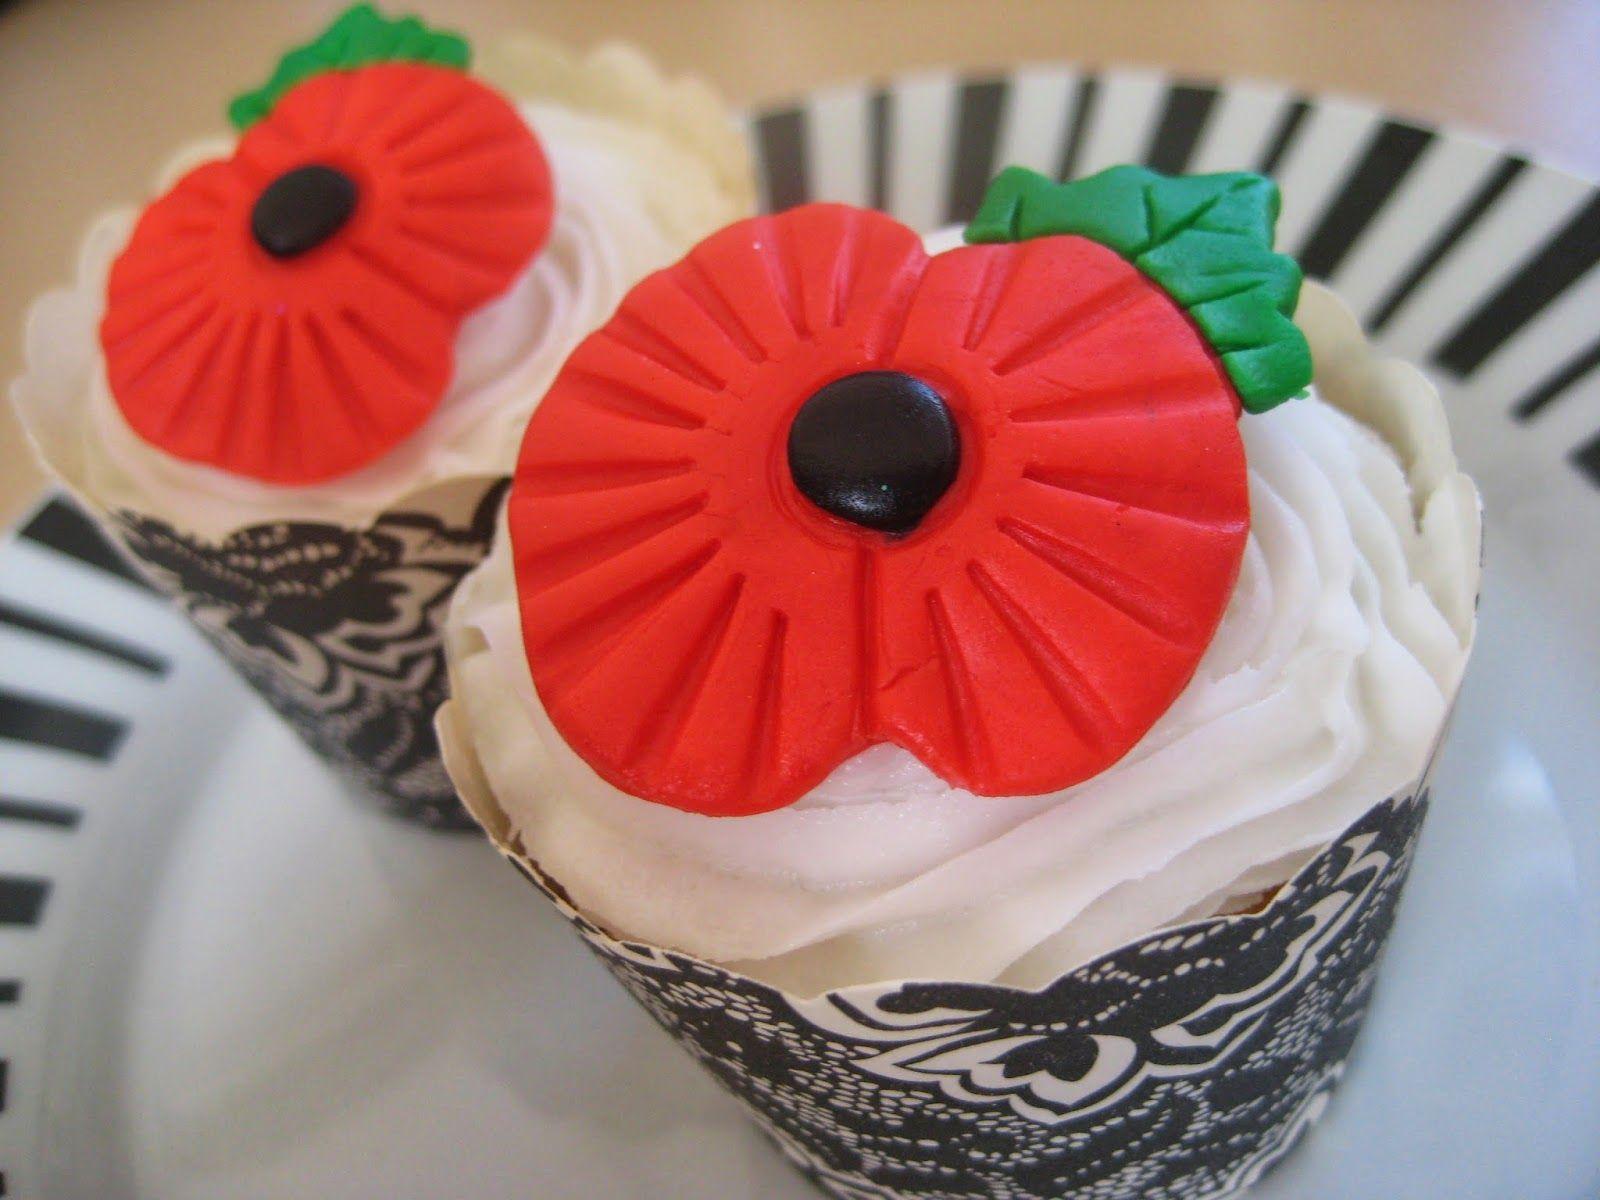 Kiwi Cakes Poppy cupcake toppers from Kiwicakes test